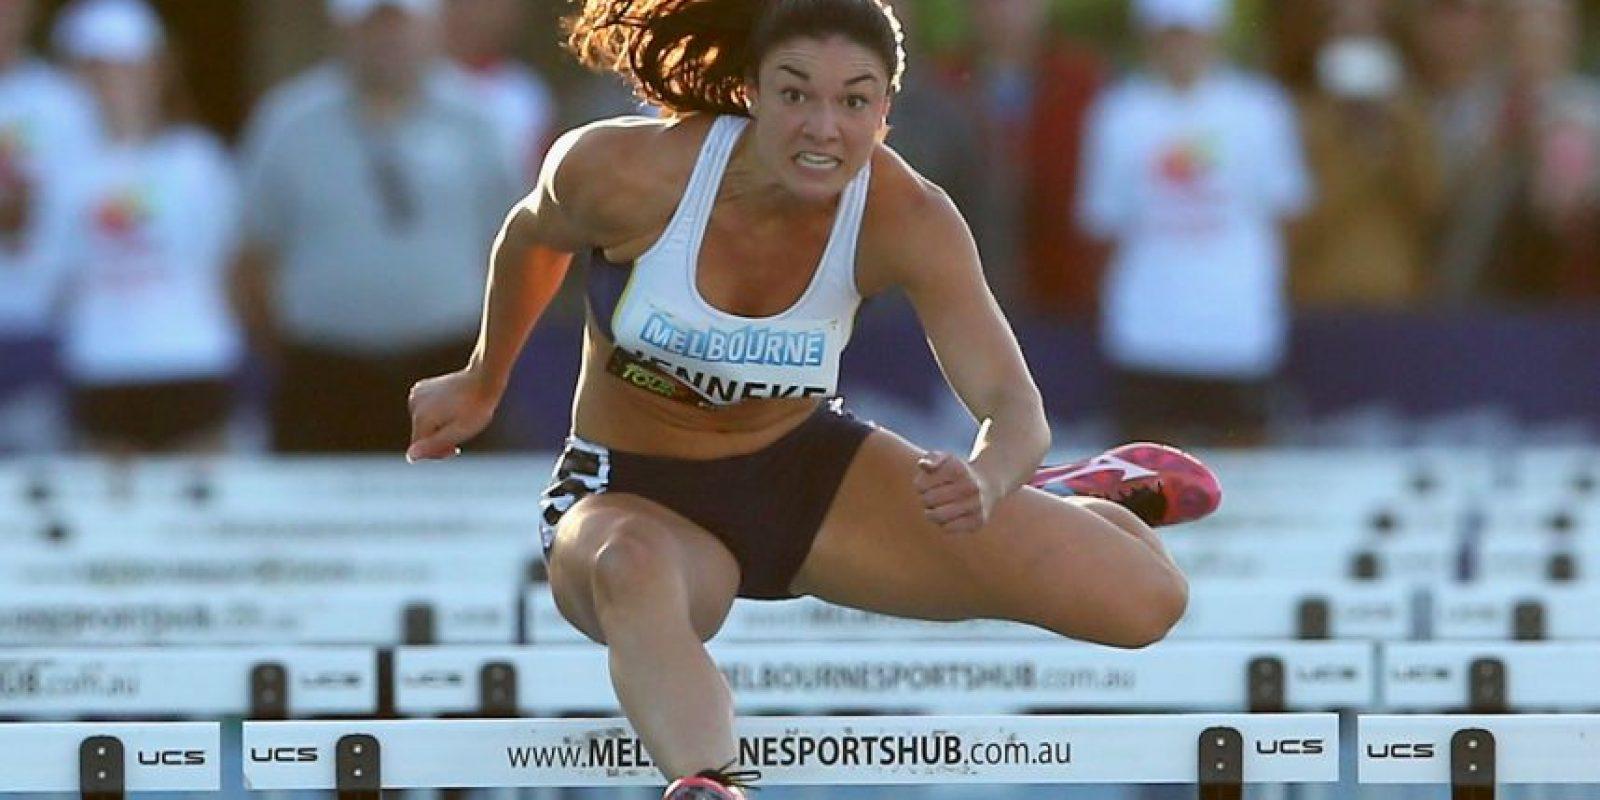 La atleta australiana que conquista con sus bailes de calentamiento recibió una propuesta por un portal porno para posar sin ropa Foto:Getty Images